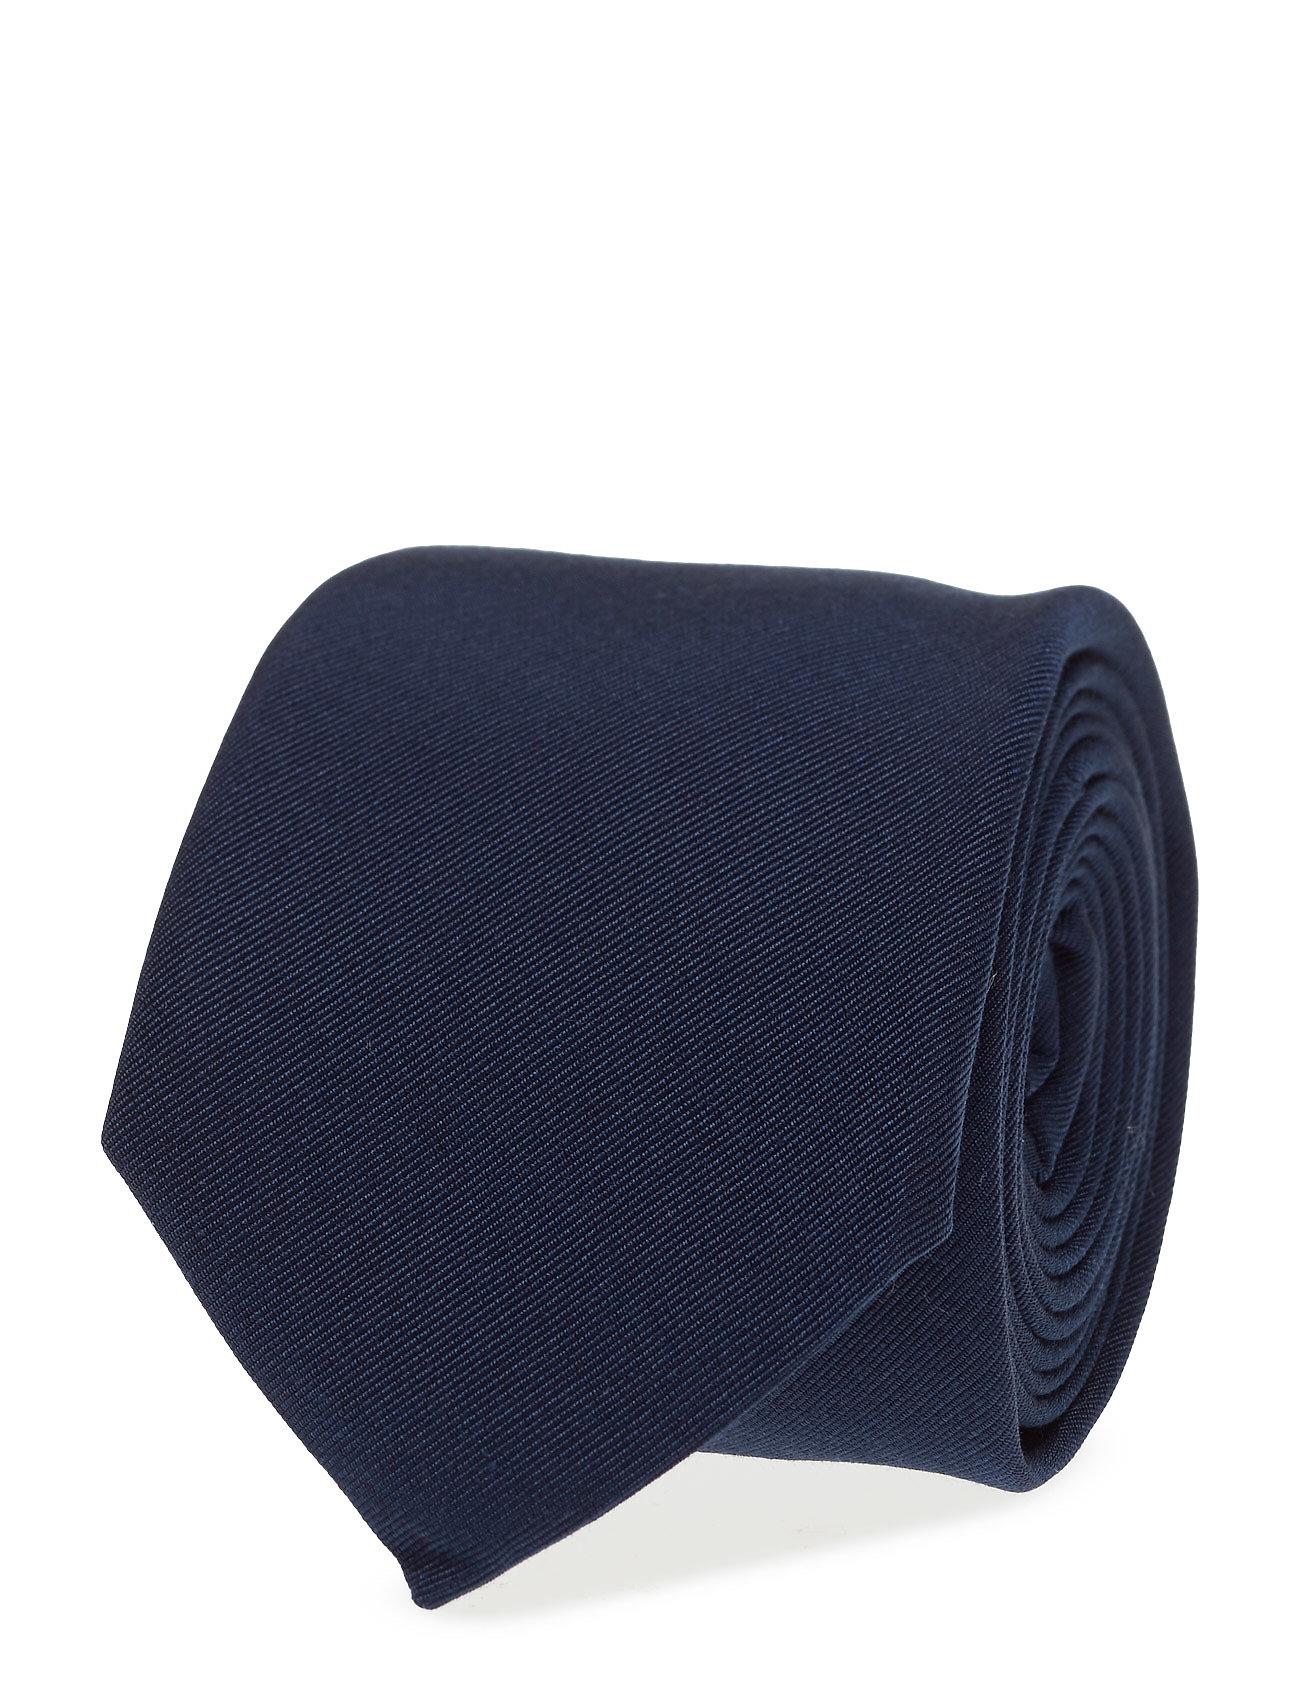 Tie Solid Cotton Blend ATLAS DESIGN Slips til Herrer i Mørkeblå